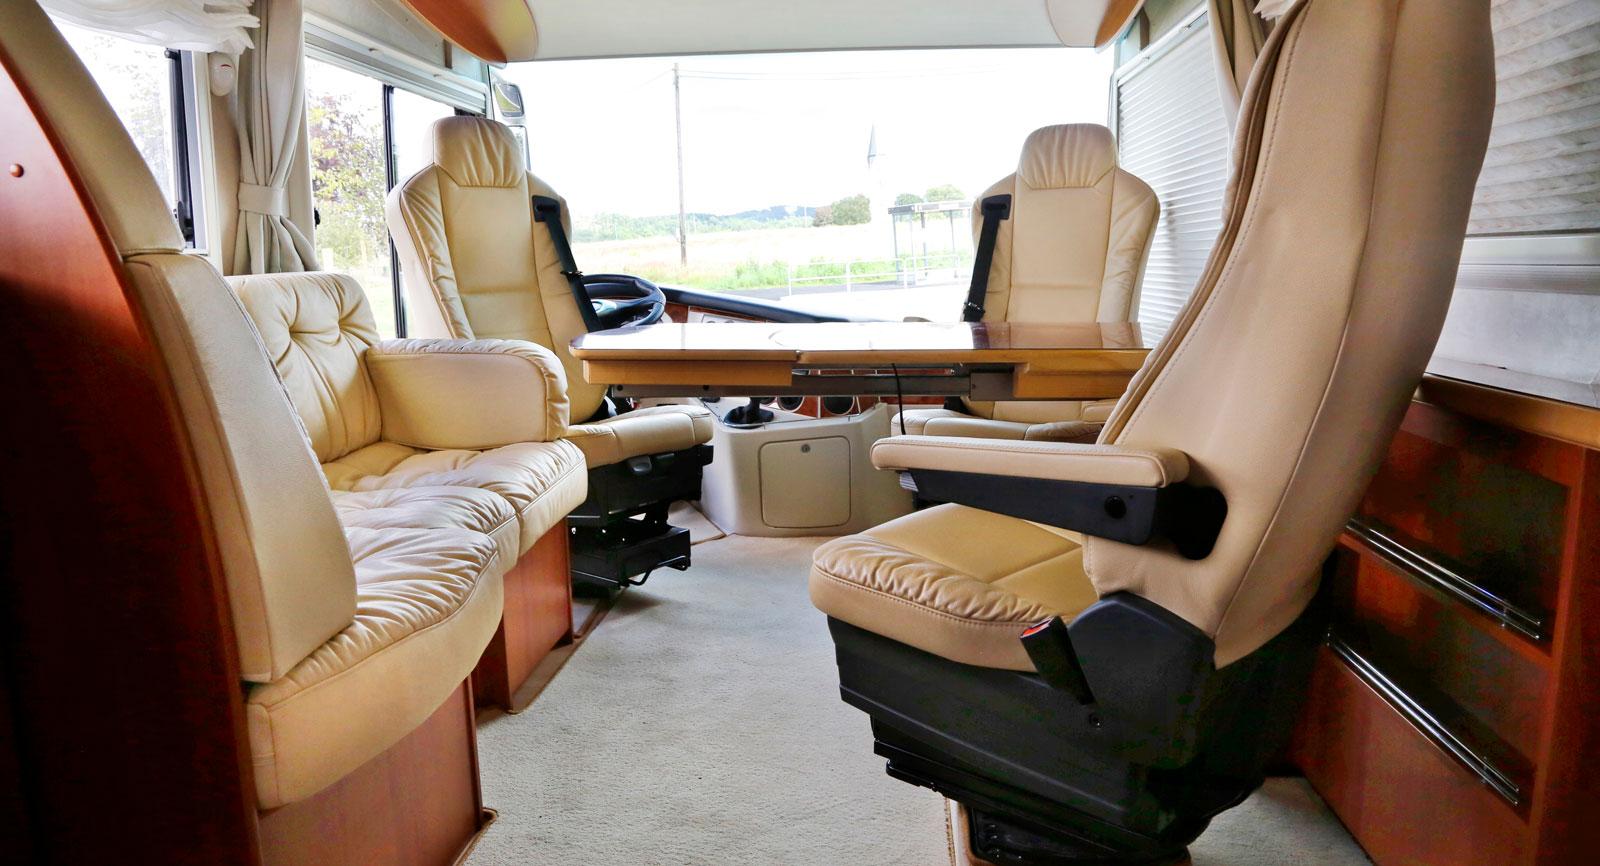 Sittgruppen med så kallat barbord är trivsam och passagerarna sitter skönt. Perfekt även som arbetsplats eller kontor!